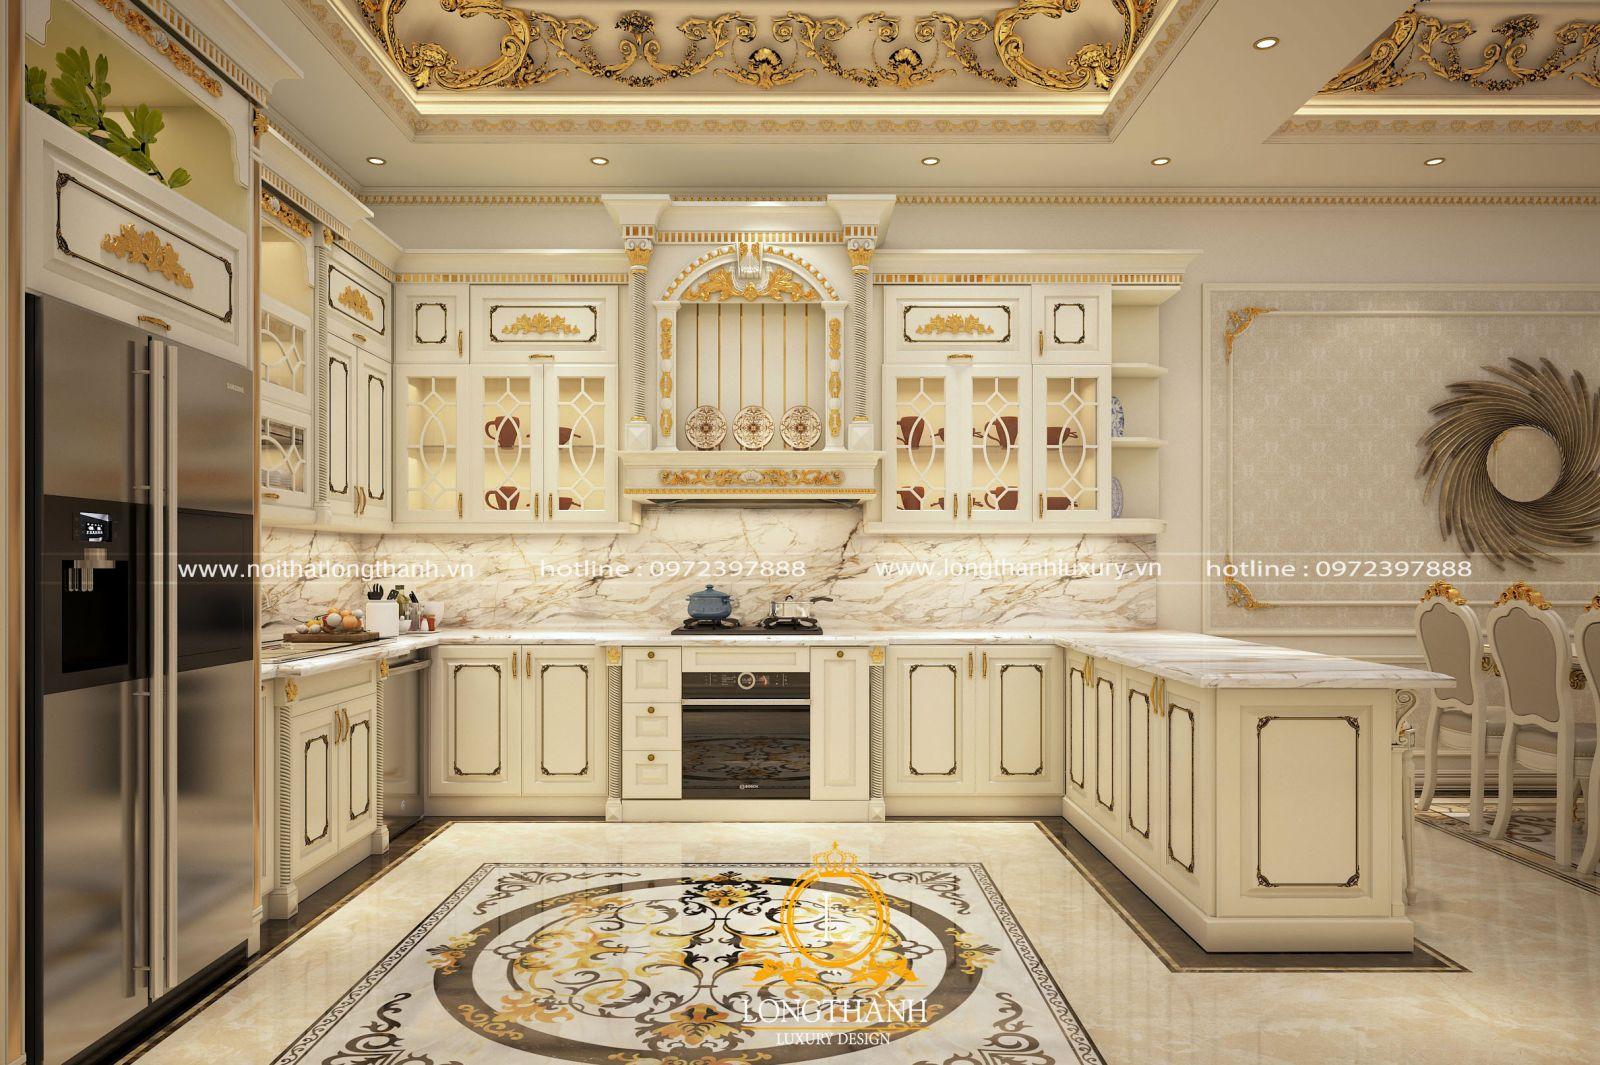 Tủ bếp tân cổ điển mạ vàng đồng bộ với tổng thể nội thất trong nhà